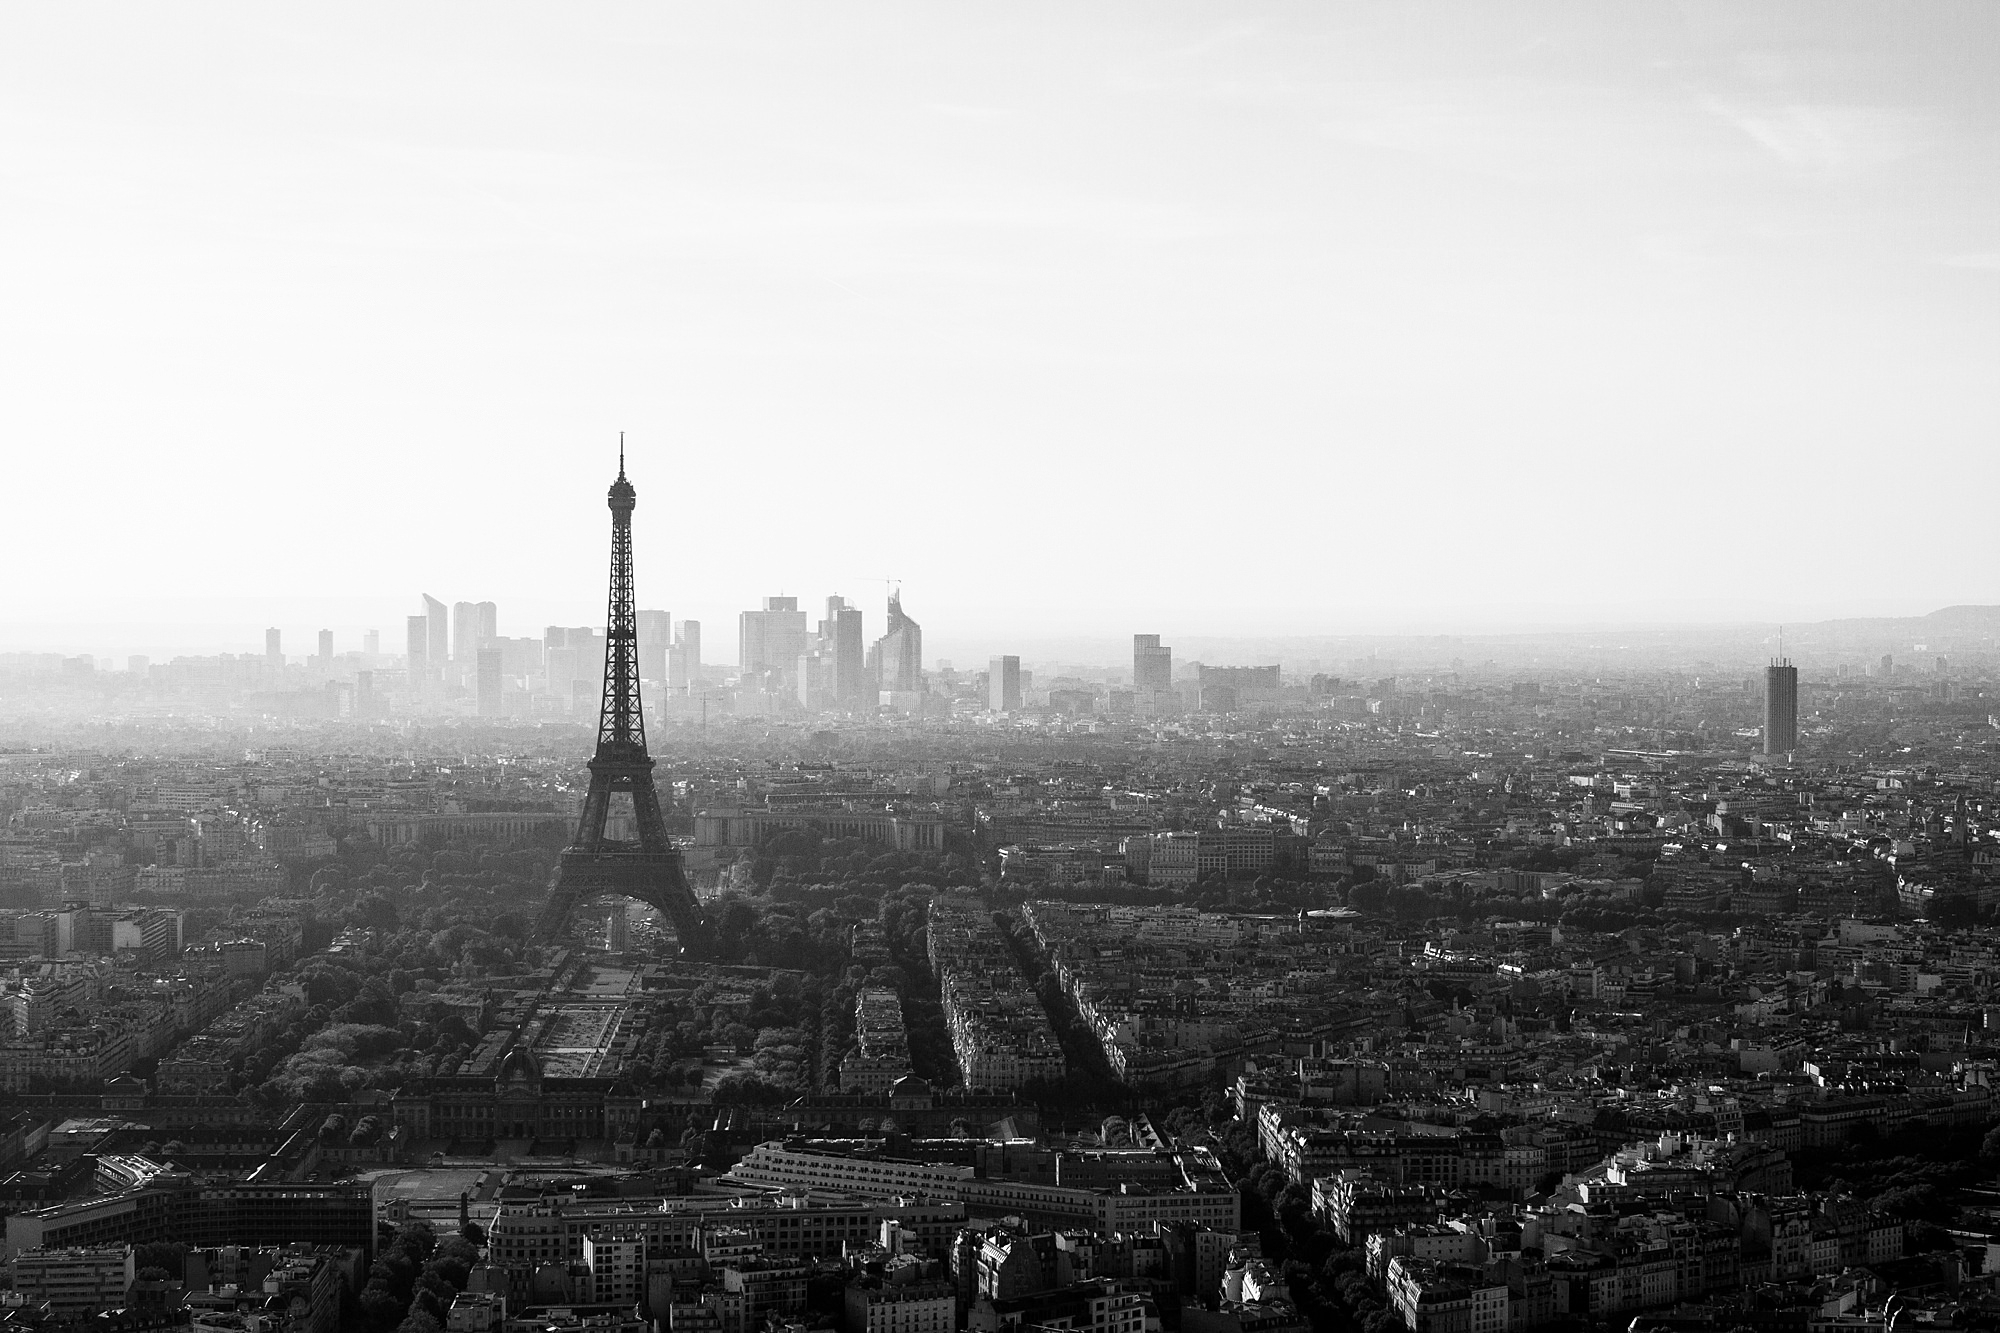 Paris, France // 2011